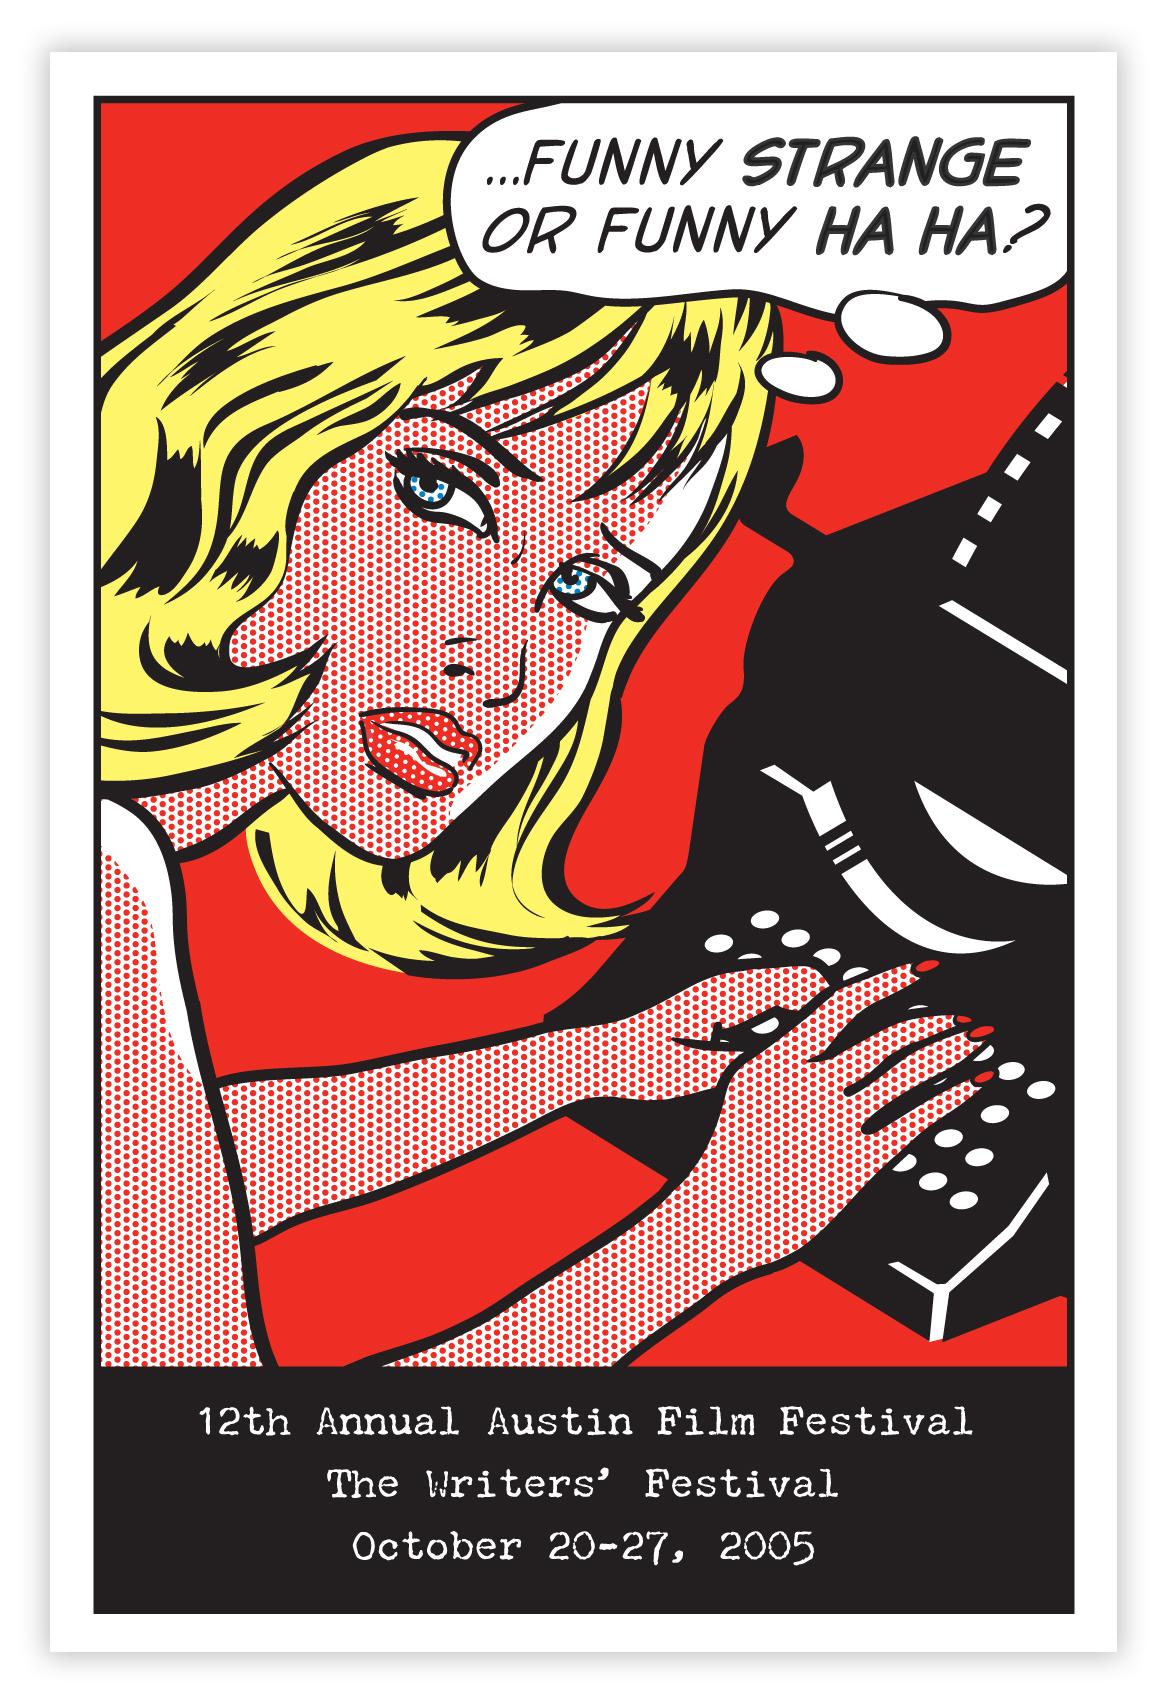 Austin Film Festival Poster